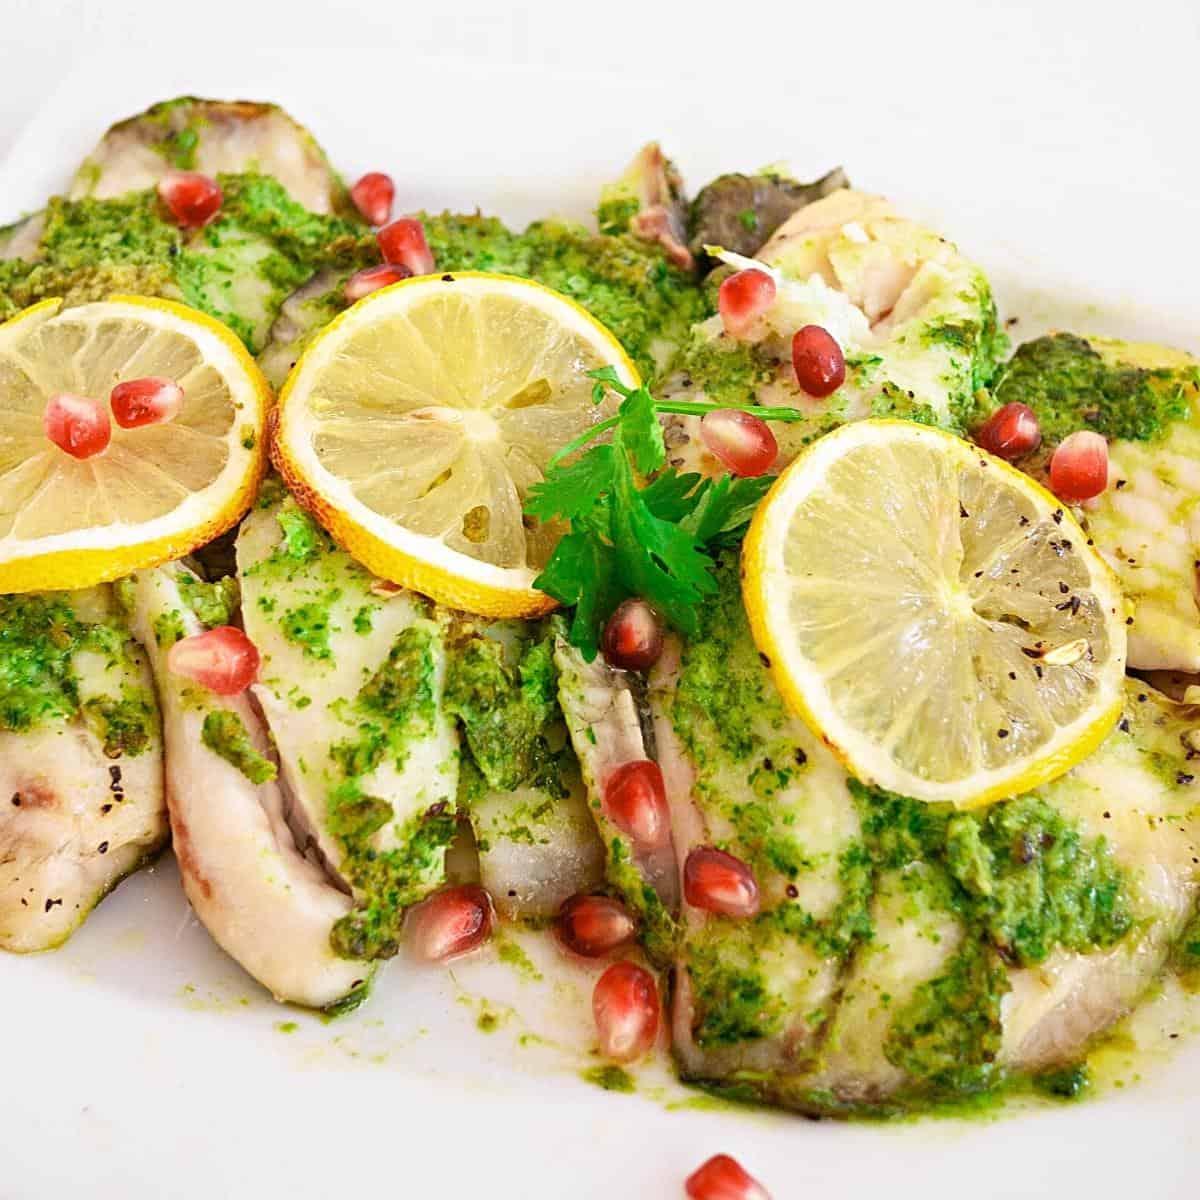 Fish fillets baked on a serving platter.